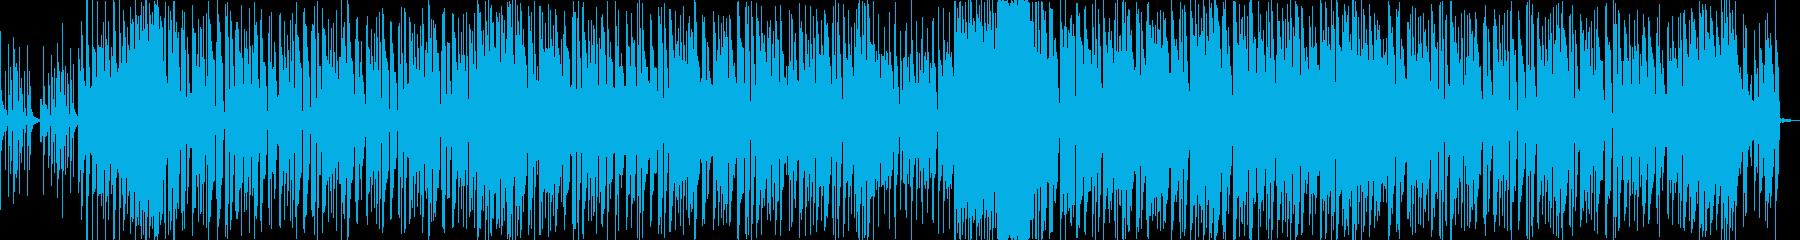 キャッチーなFuture Bassの再生済みの波形